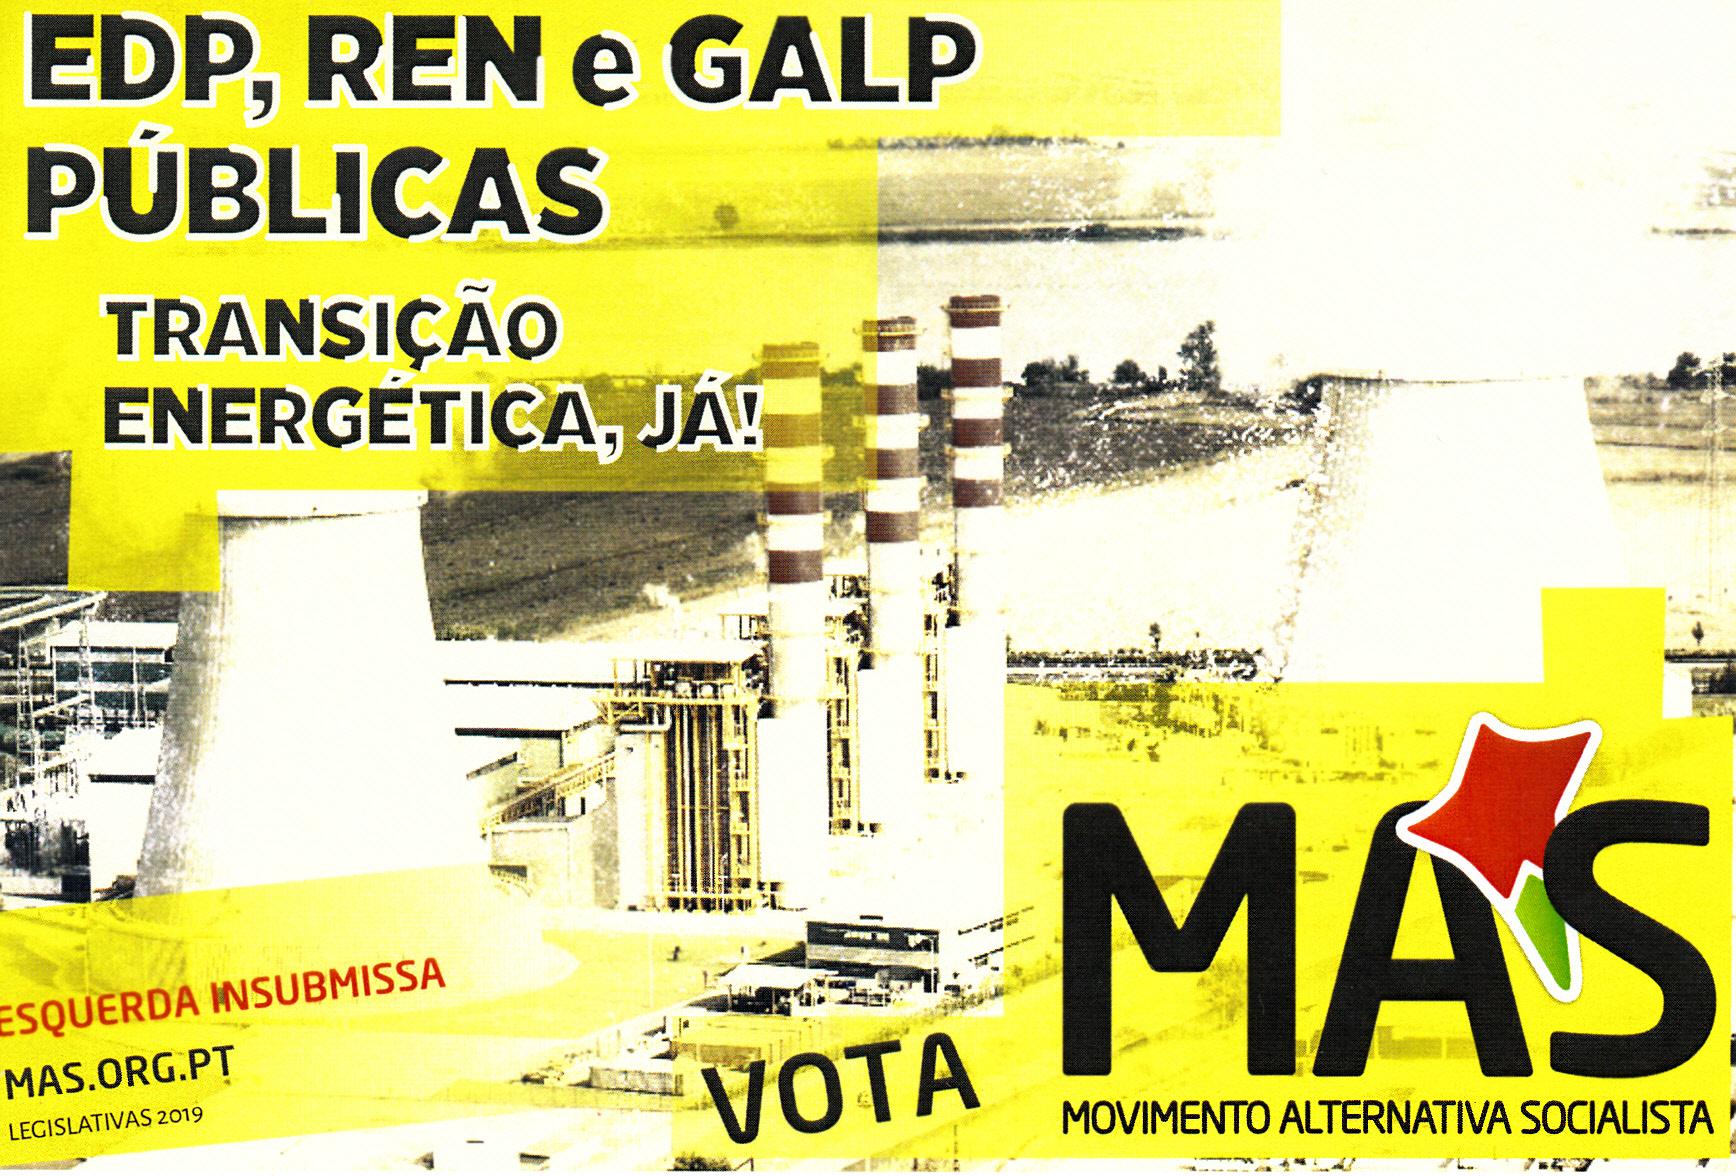 MAS_2019_legislativas_0003